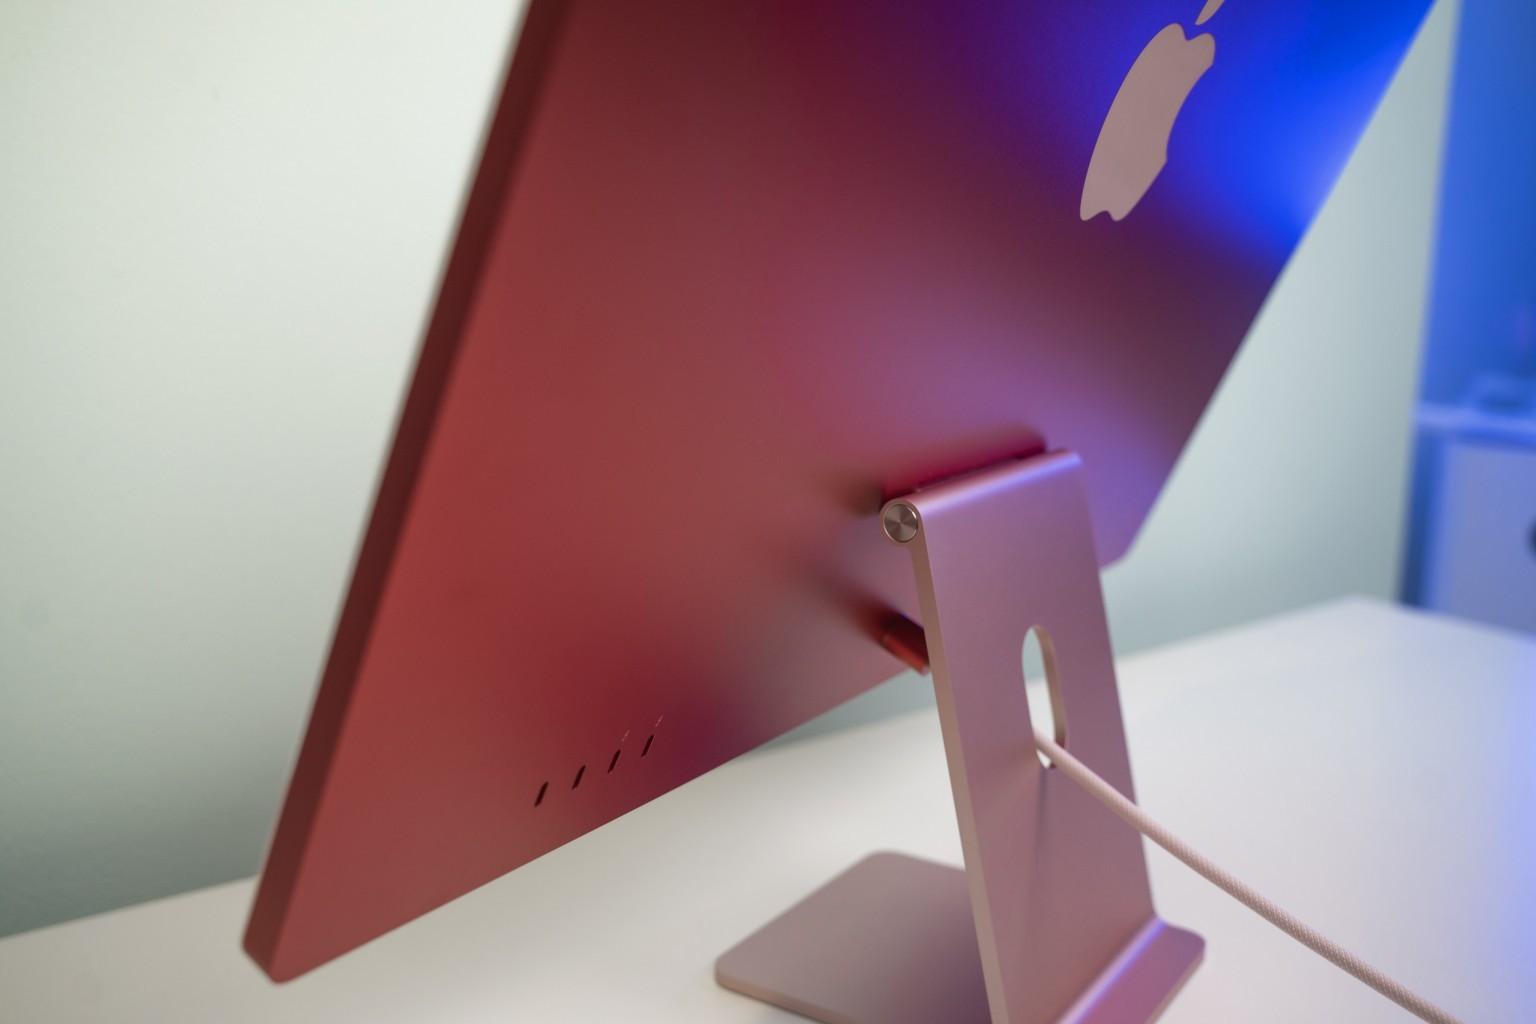 iMac chạy chip M1 về Việt Nam